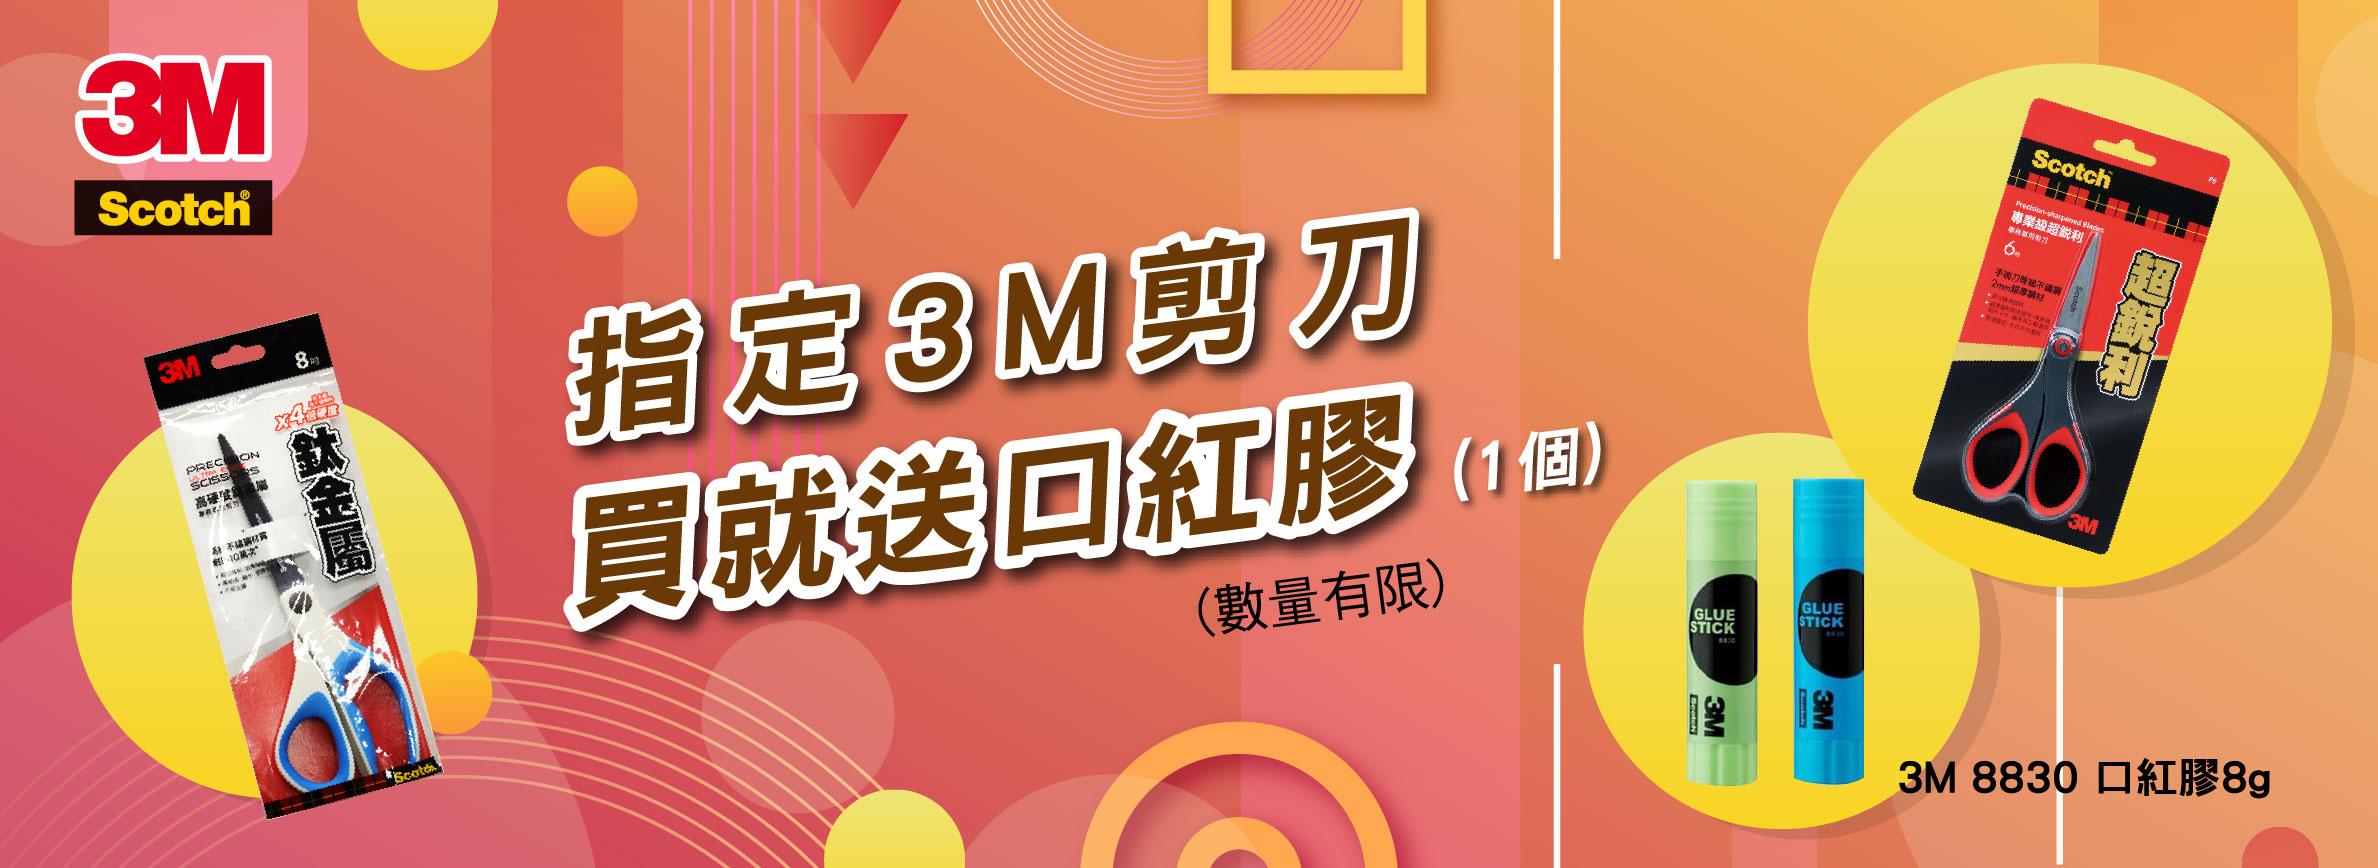 指定3M買就送口紅膠